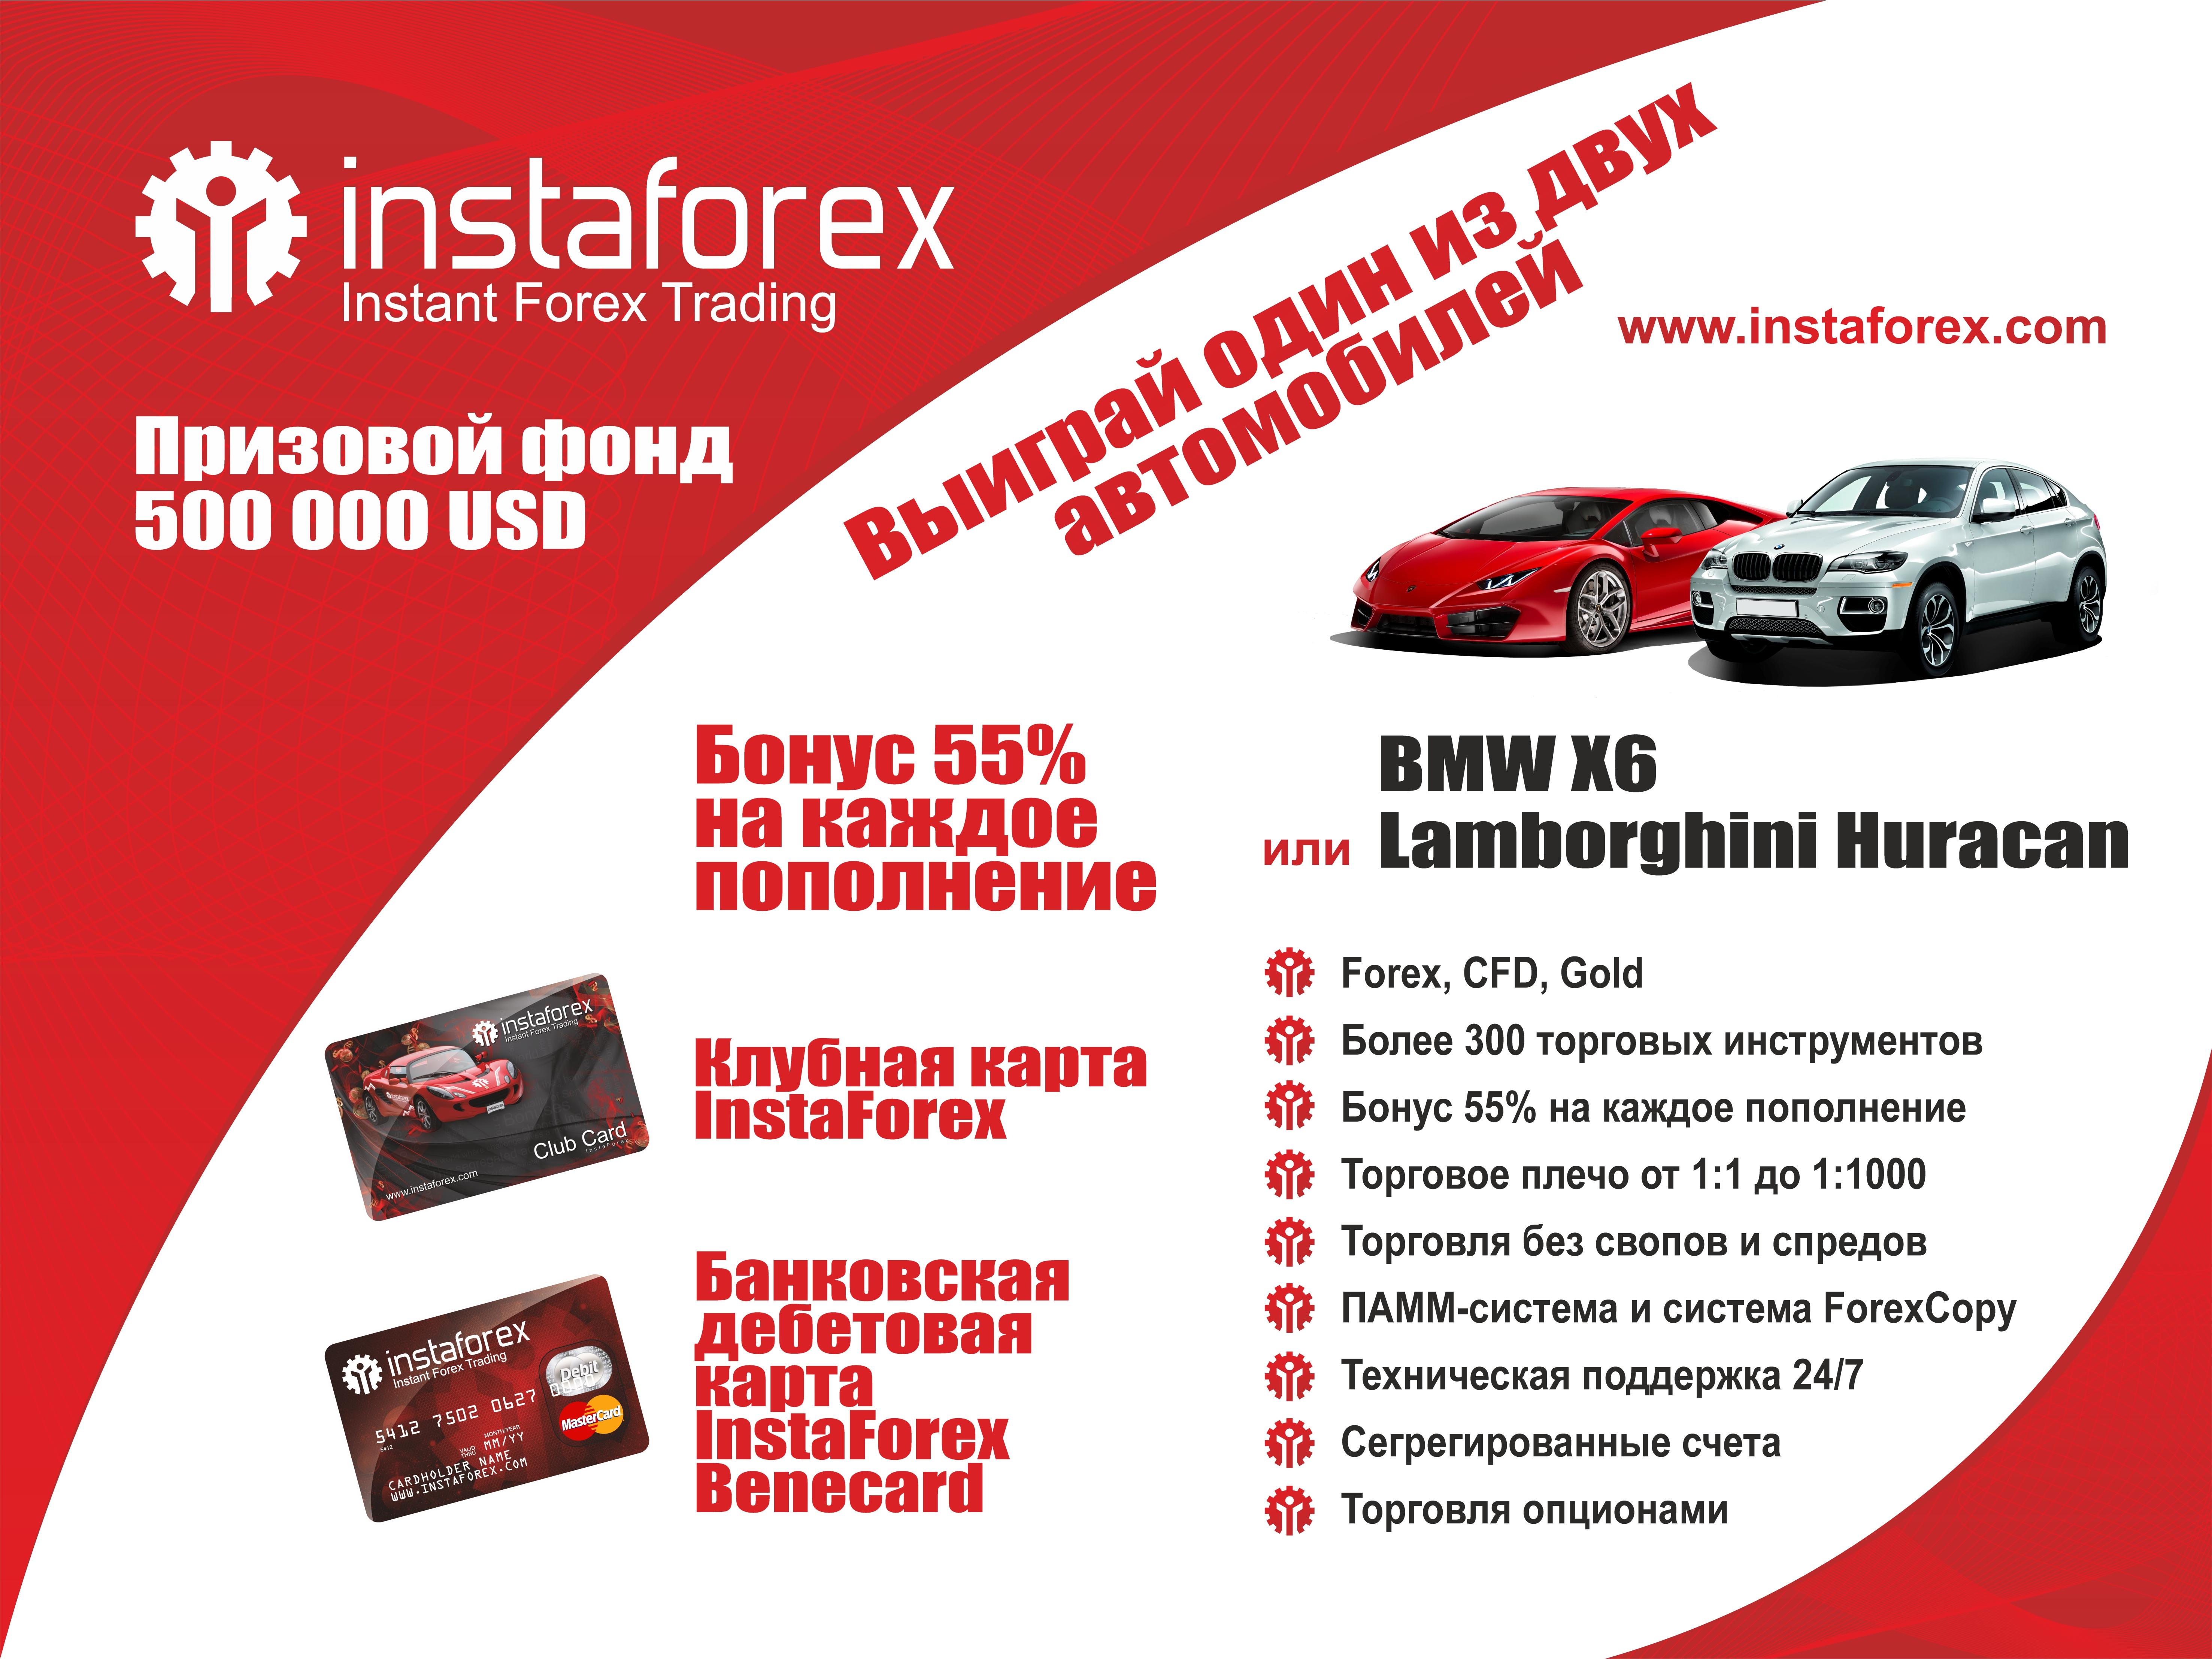 Instaforex обучающий курс скачать форекс настройки советник 2012 года